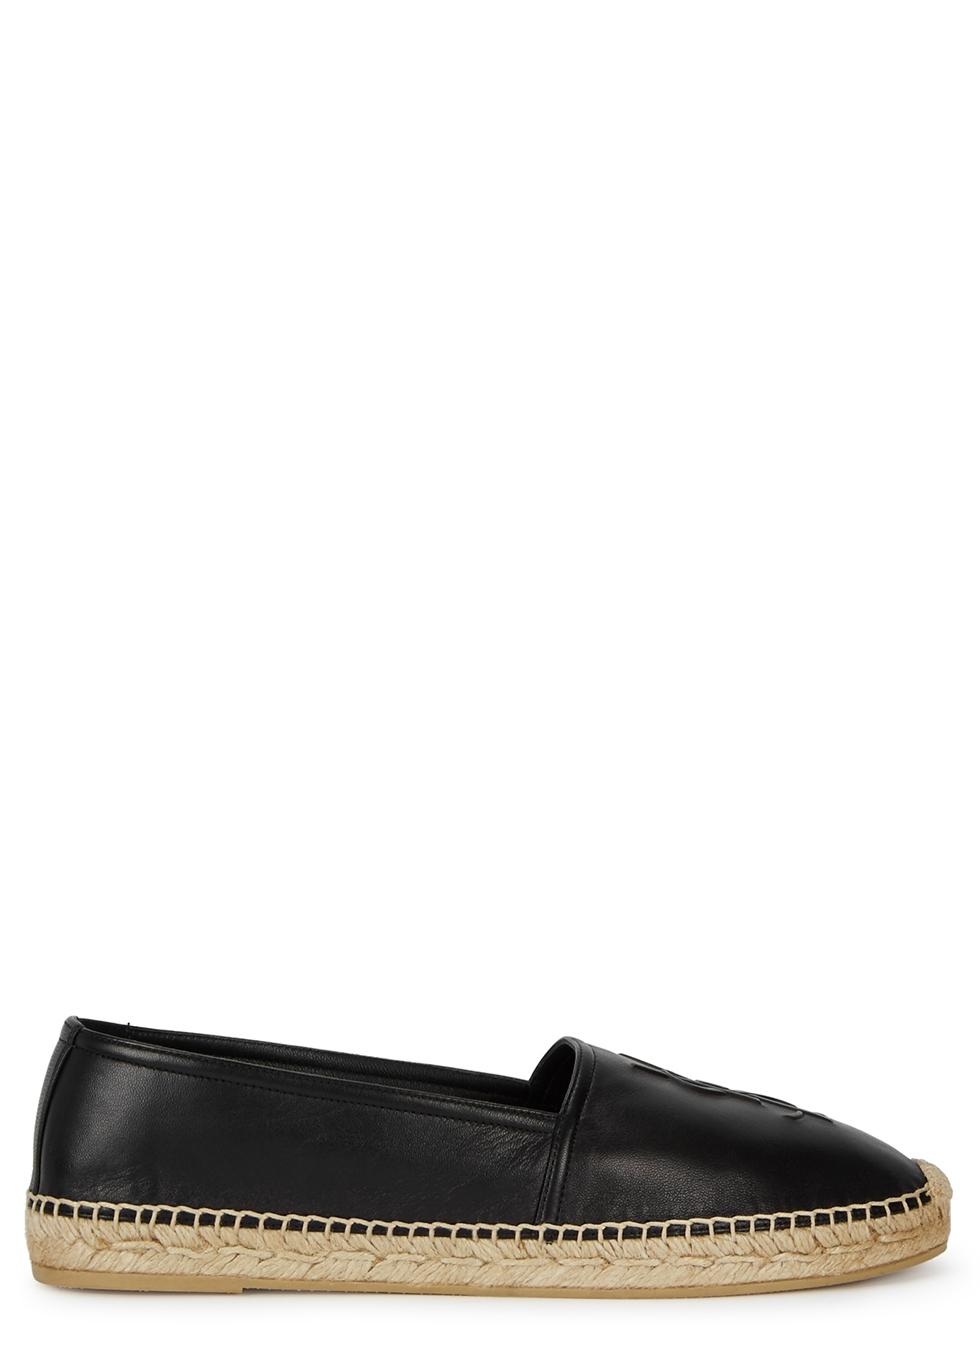 Shop Yves Saint Laurent Espadrille on